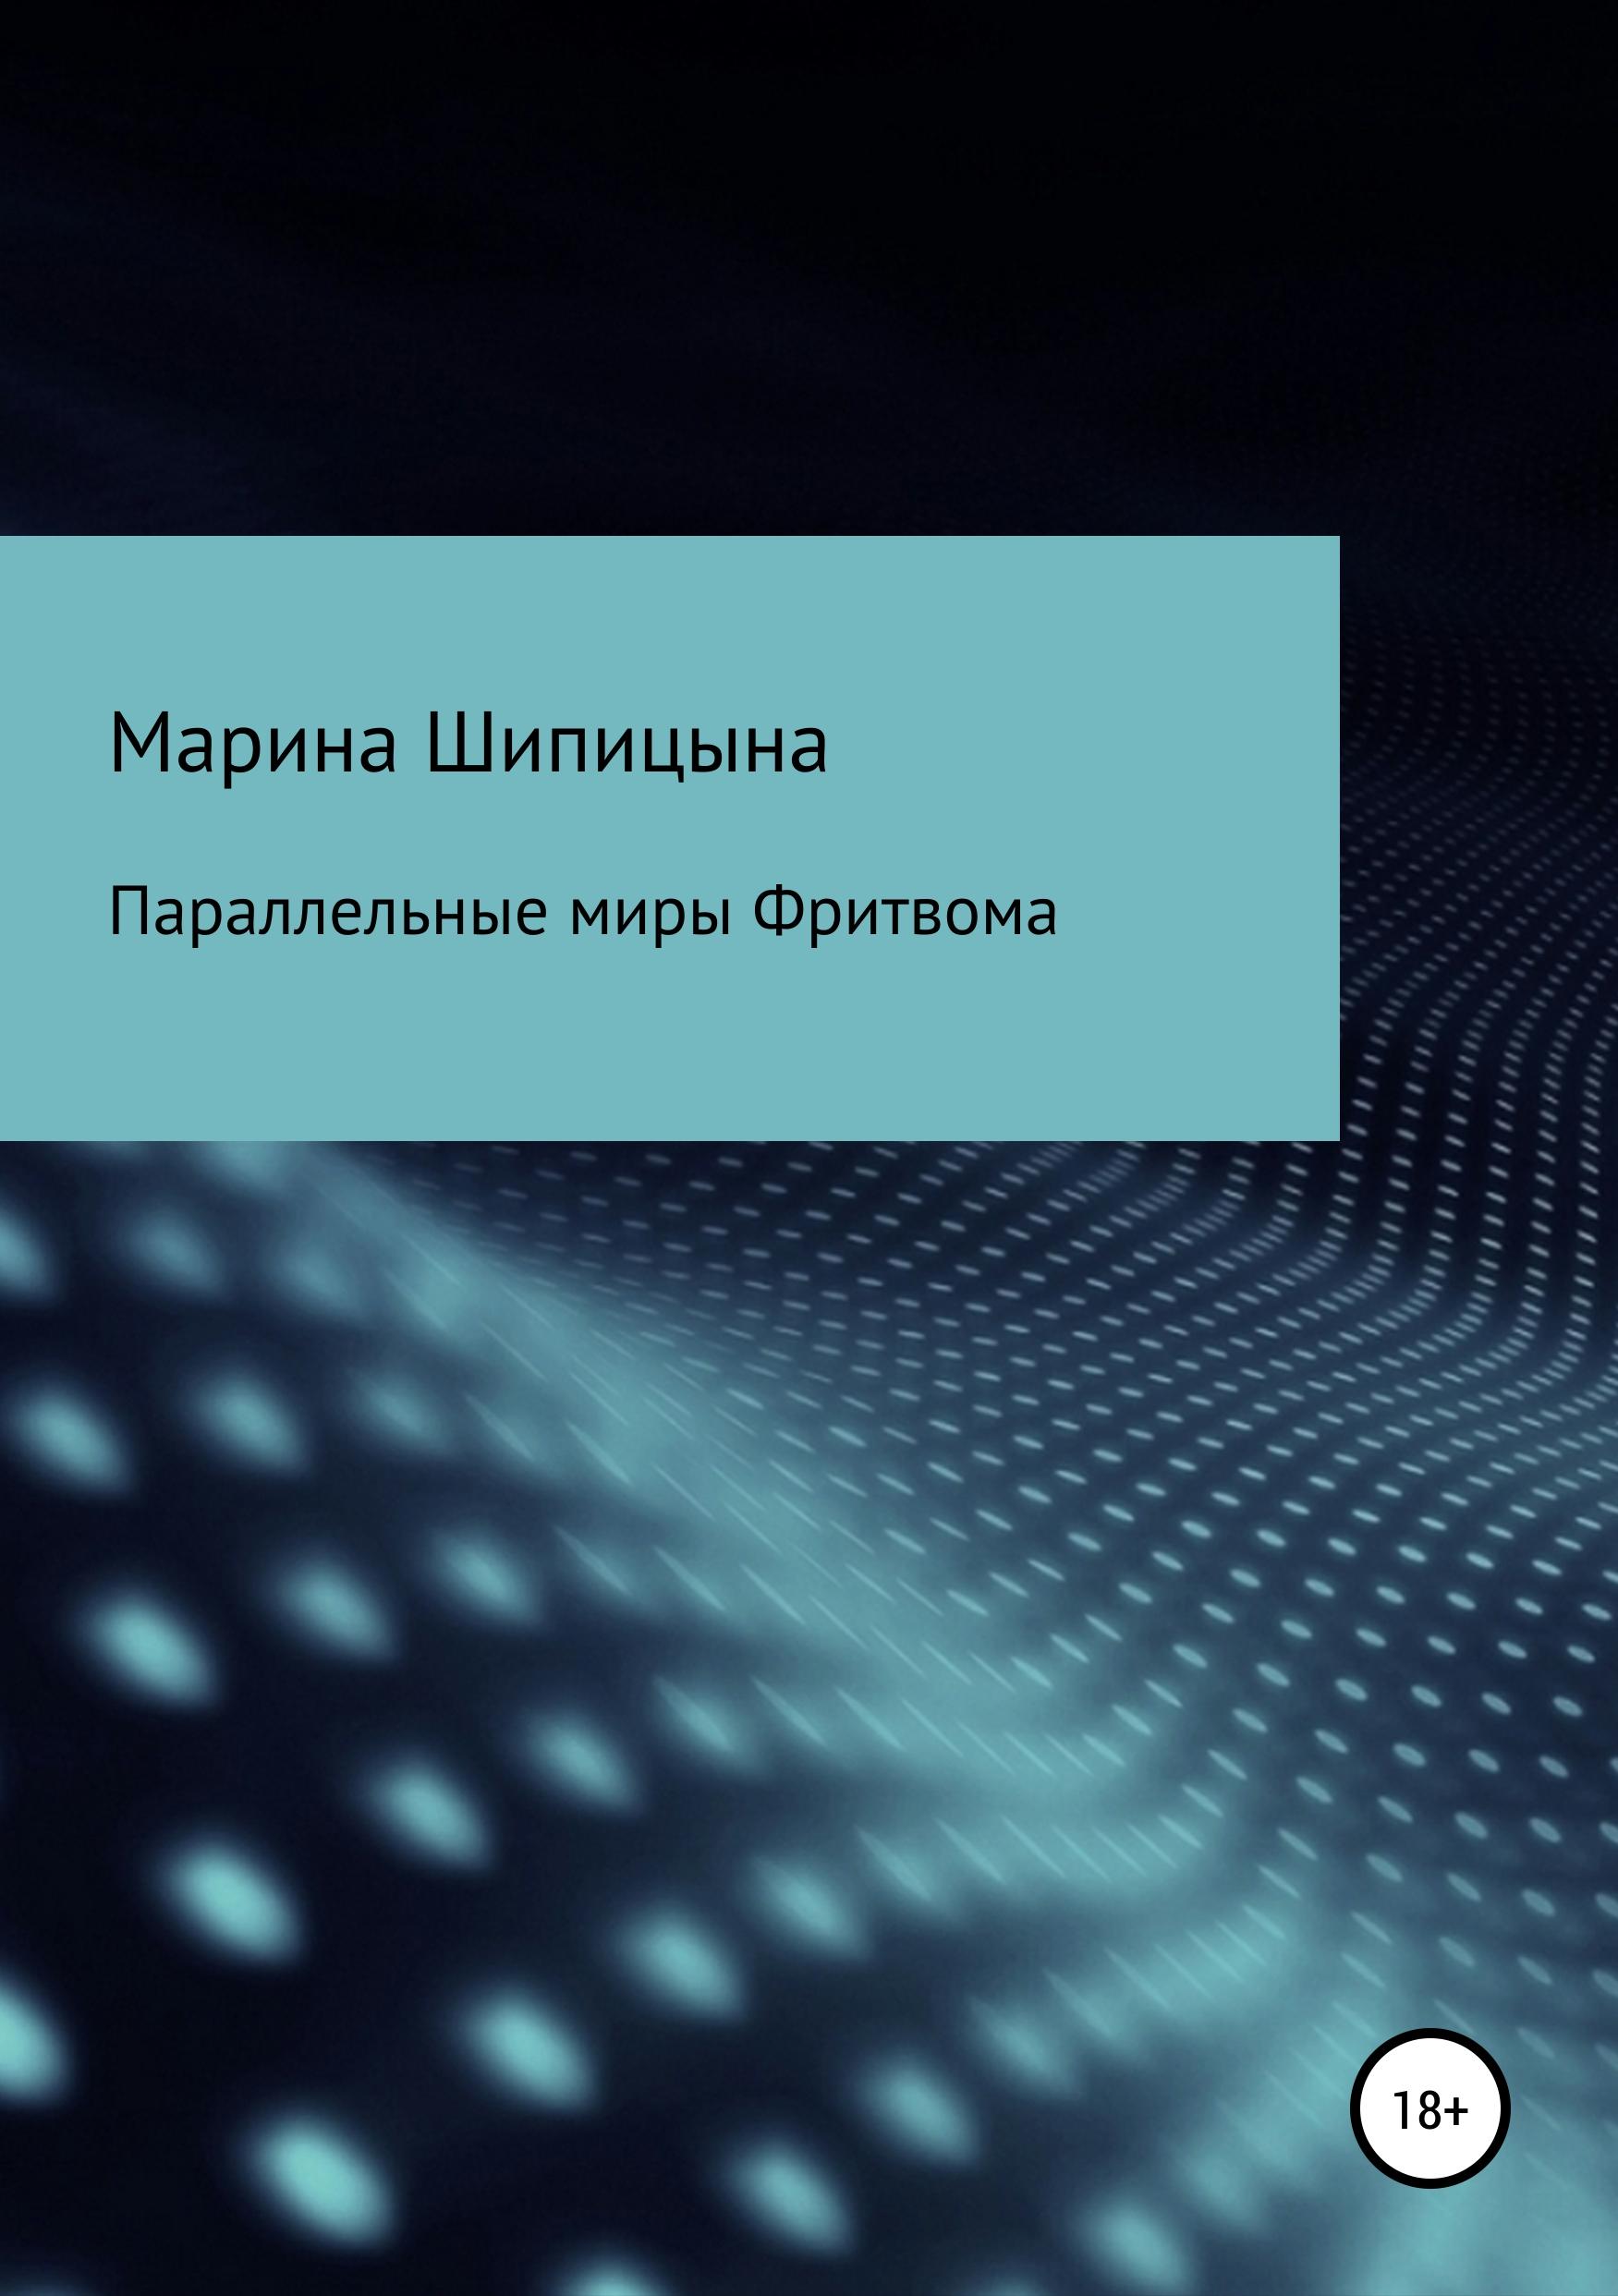 Марина Васильевна Шипицына Параллельные миры Фритвома цены онлайн